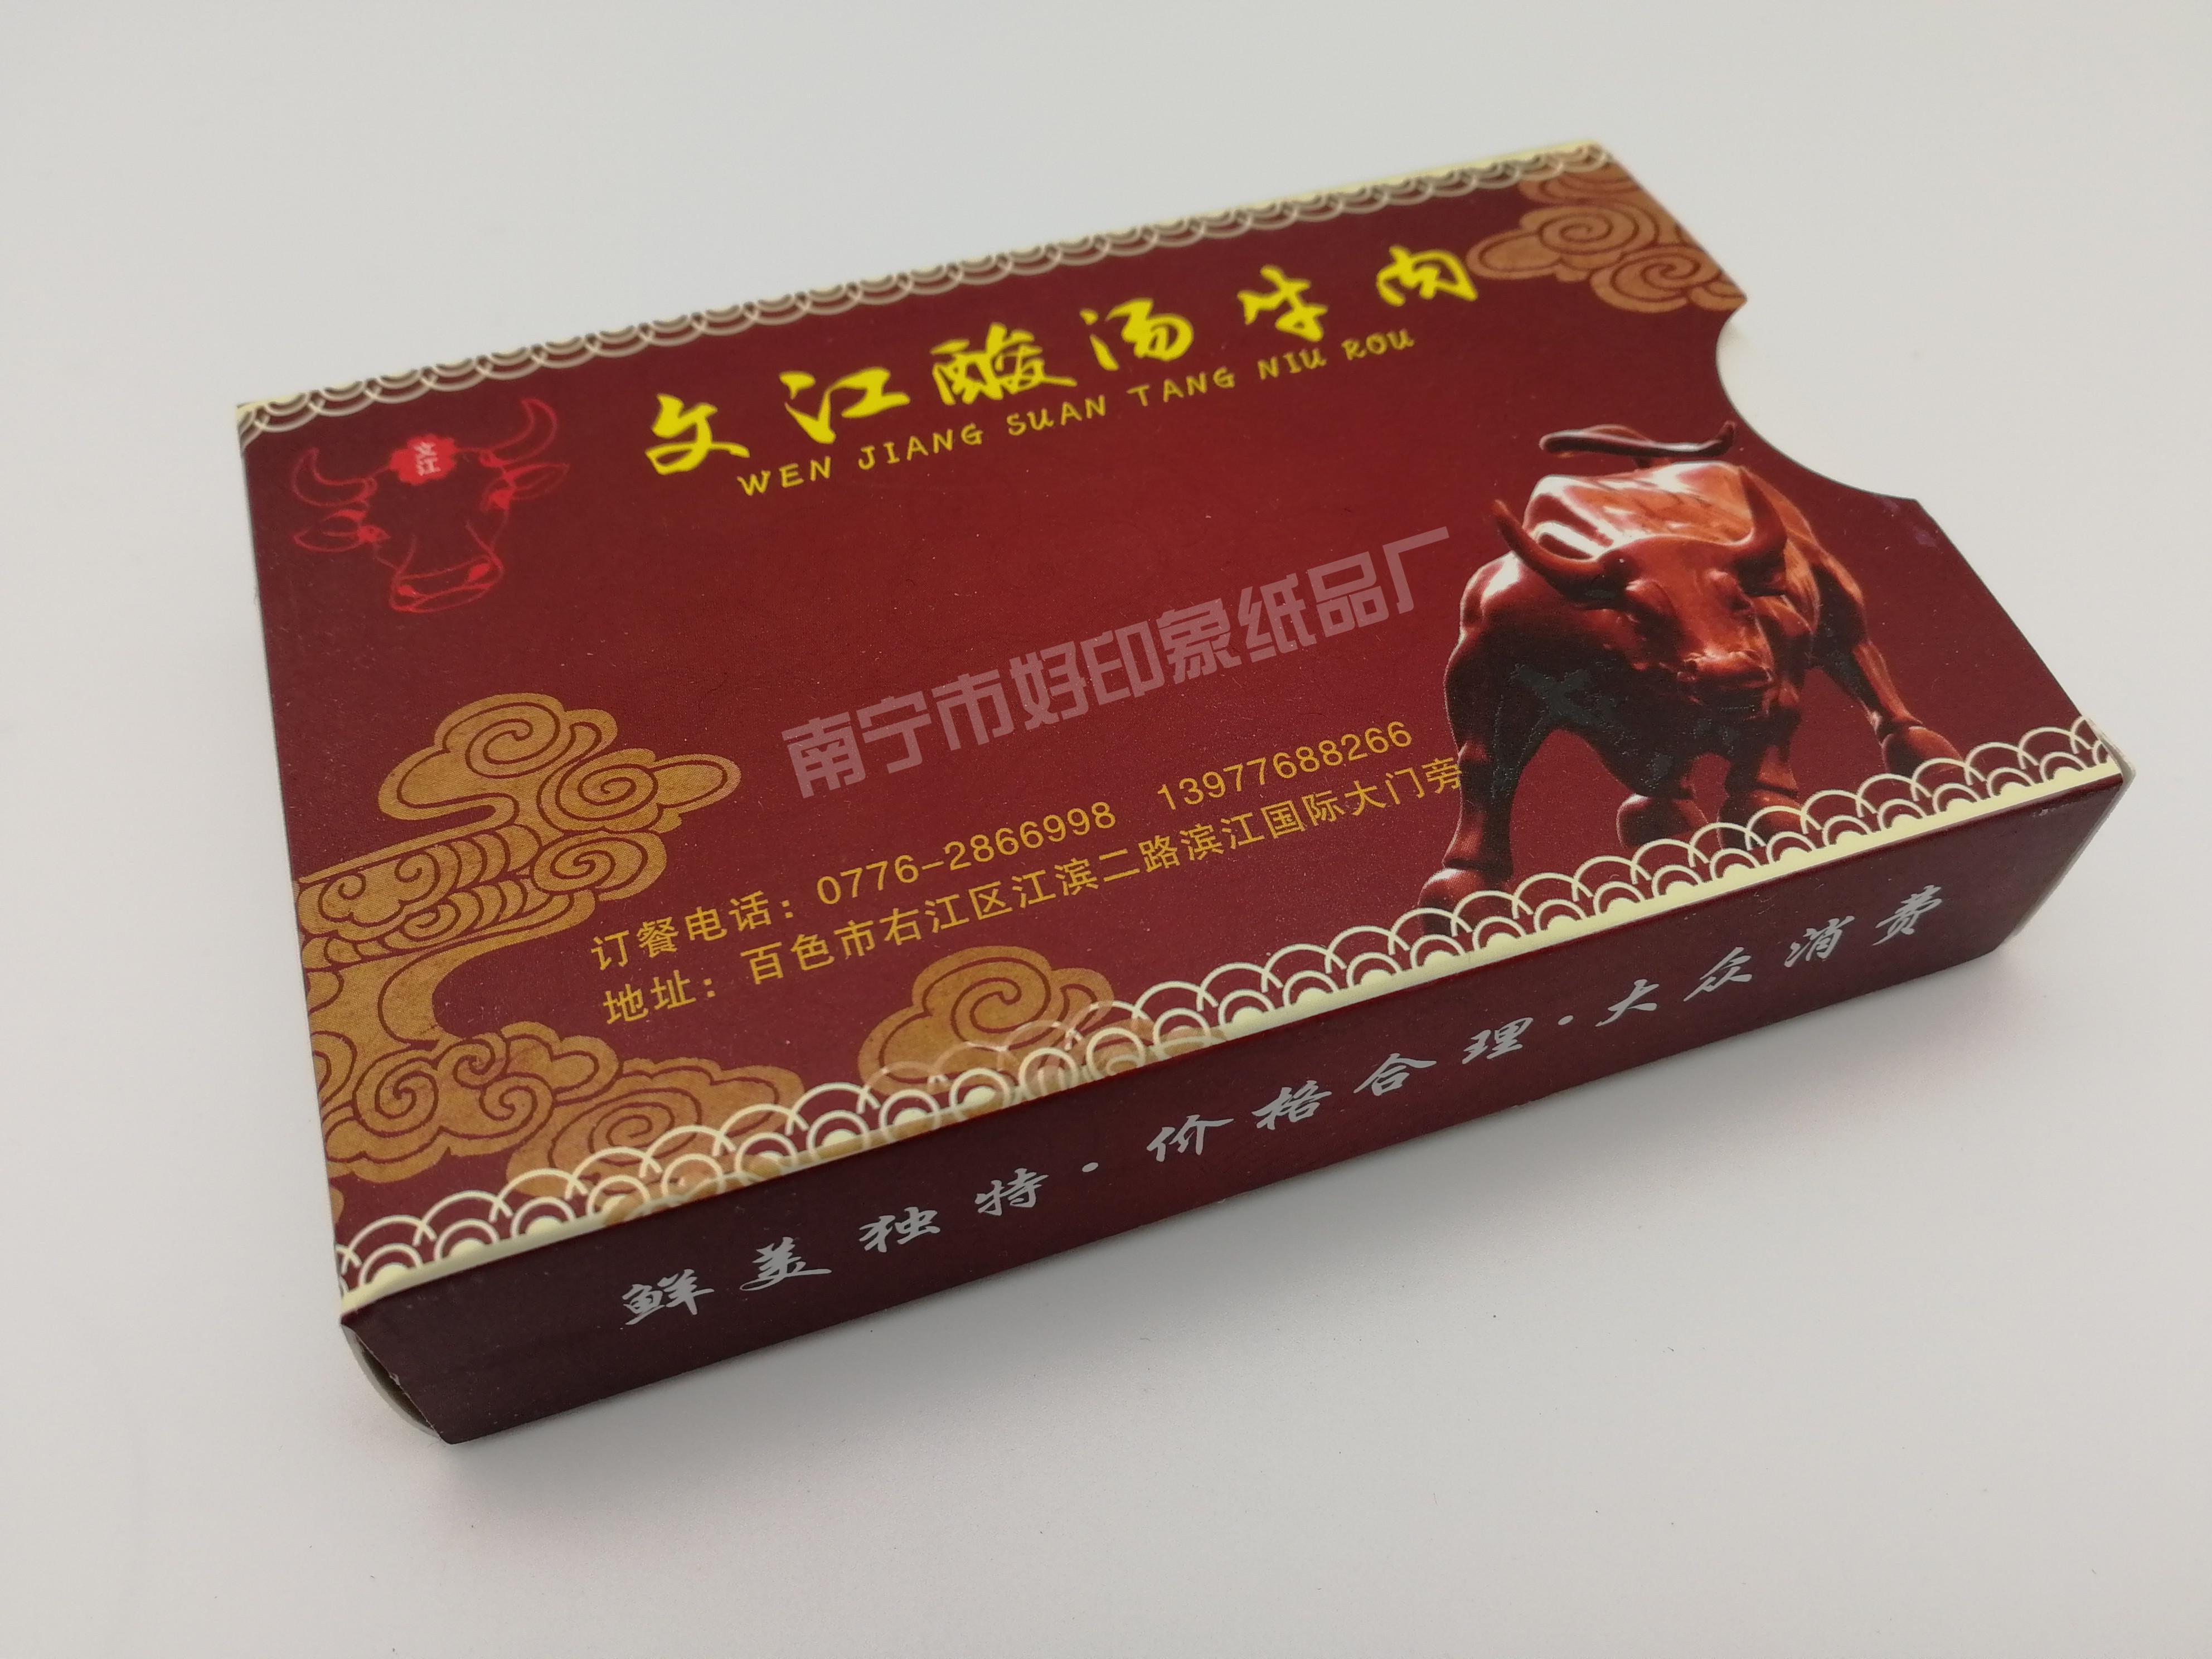 百色餐饮广告纸巾定制批发厂家-南宁好印象纸品厂